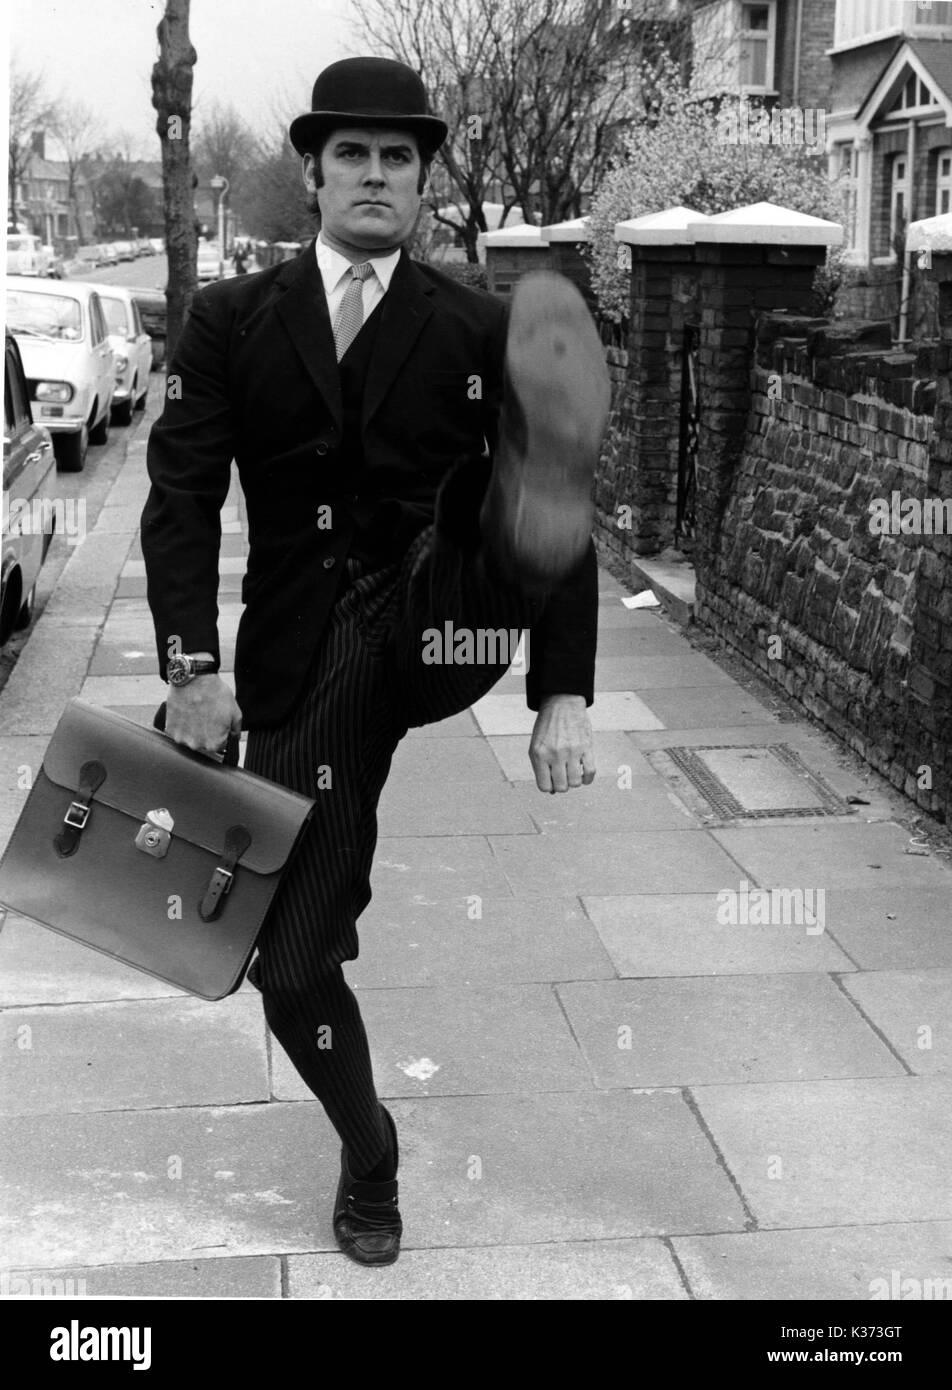 Αποτέλεσμα εικόνας για 15 Ministry of Silly Walks Monty Python's Flying Circus